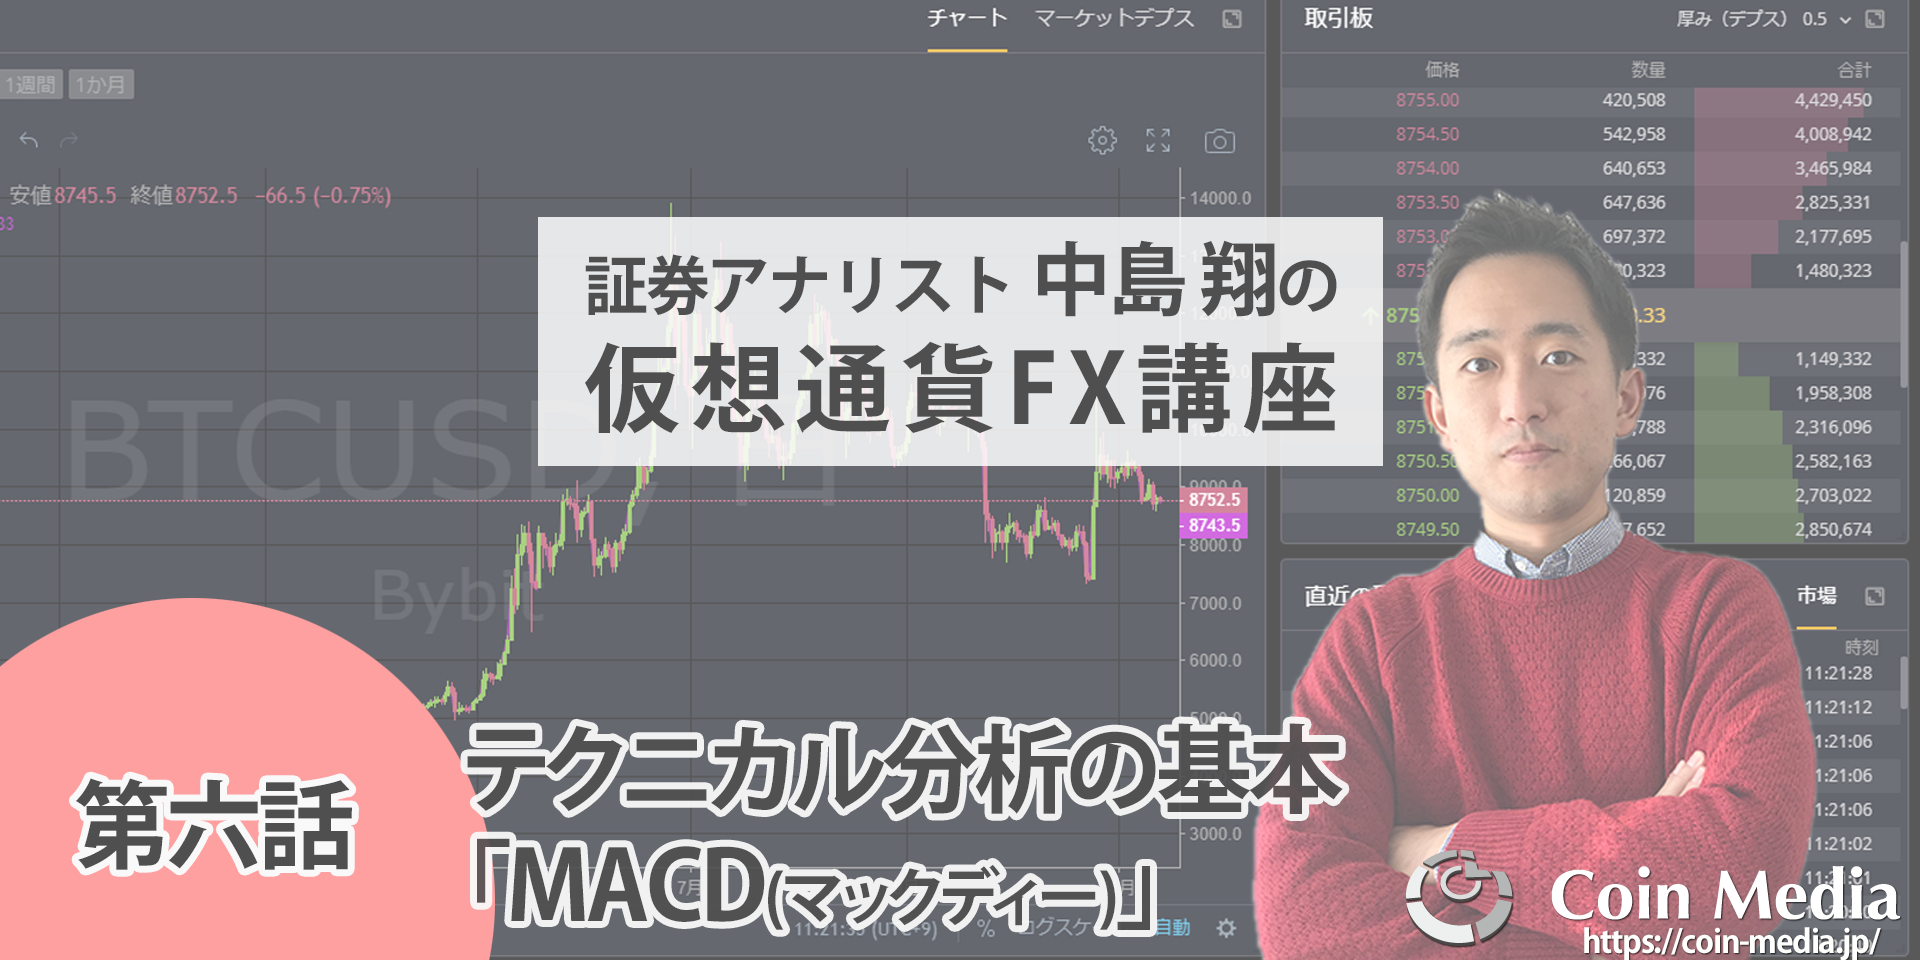 仮想通貨FX初心者向け講座第六話:テクニカル分析の基本(MACD)【仮想通貨FX中級者への道】